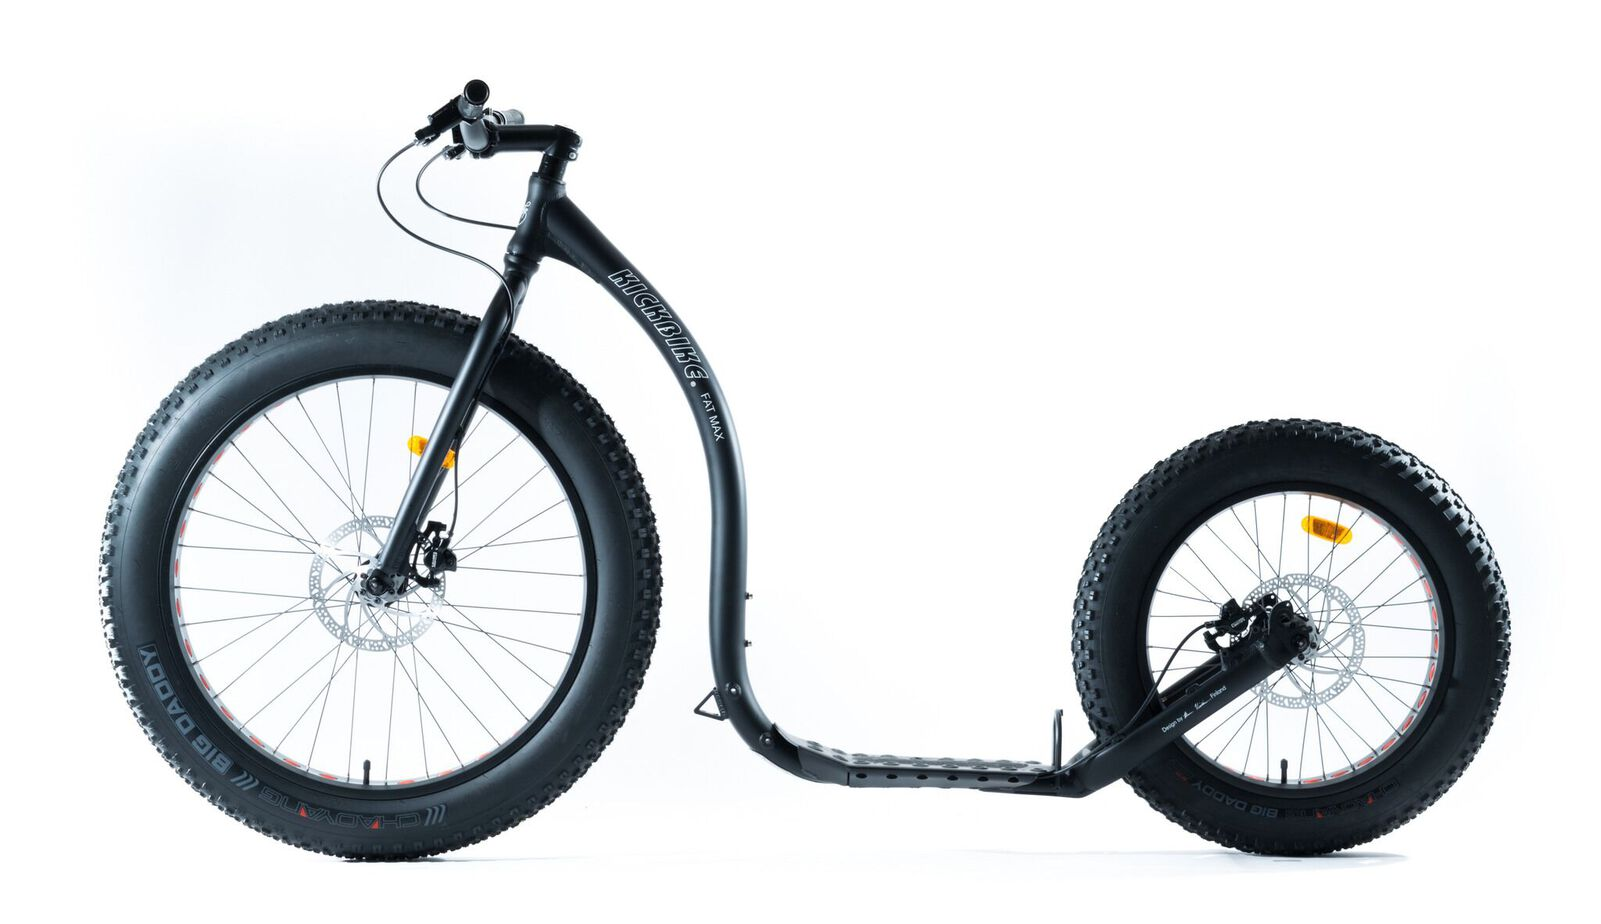 kickbike fatmax g nstig online kaufen tretroller. Black Bedroom Furniture Sets. Home Design Ideas